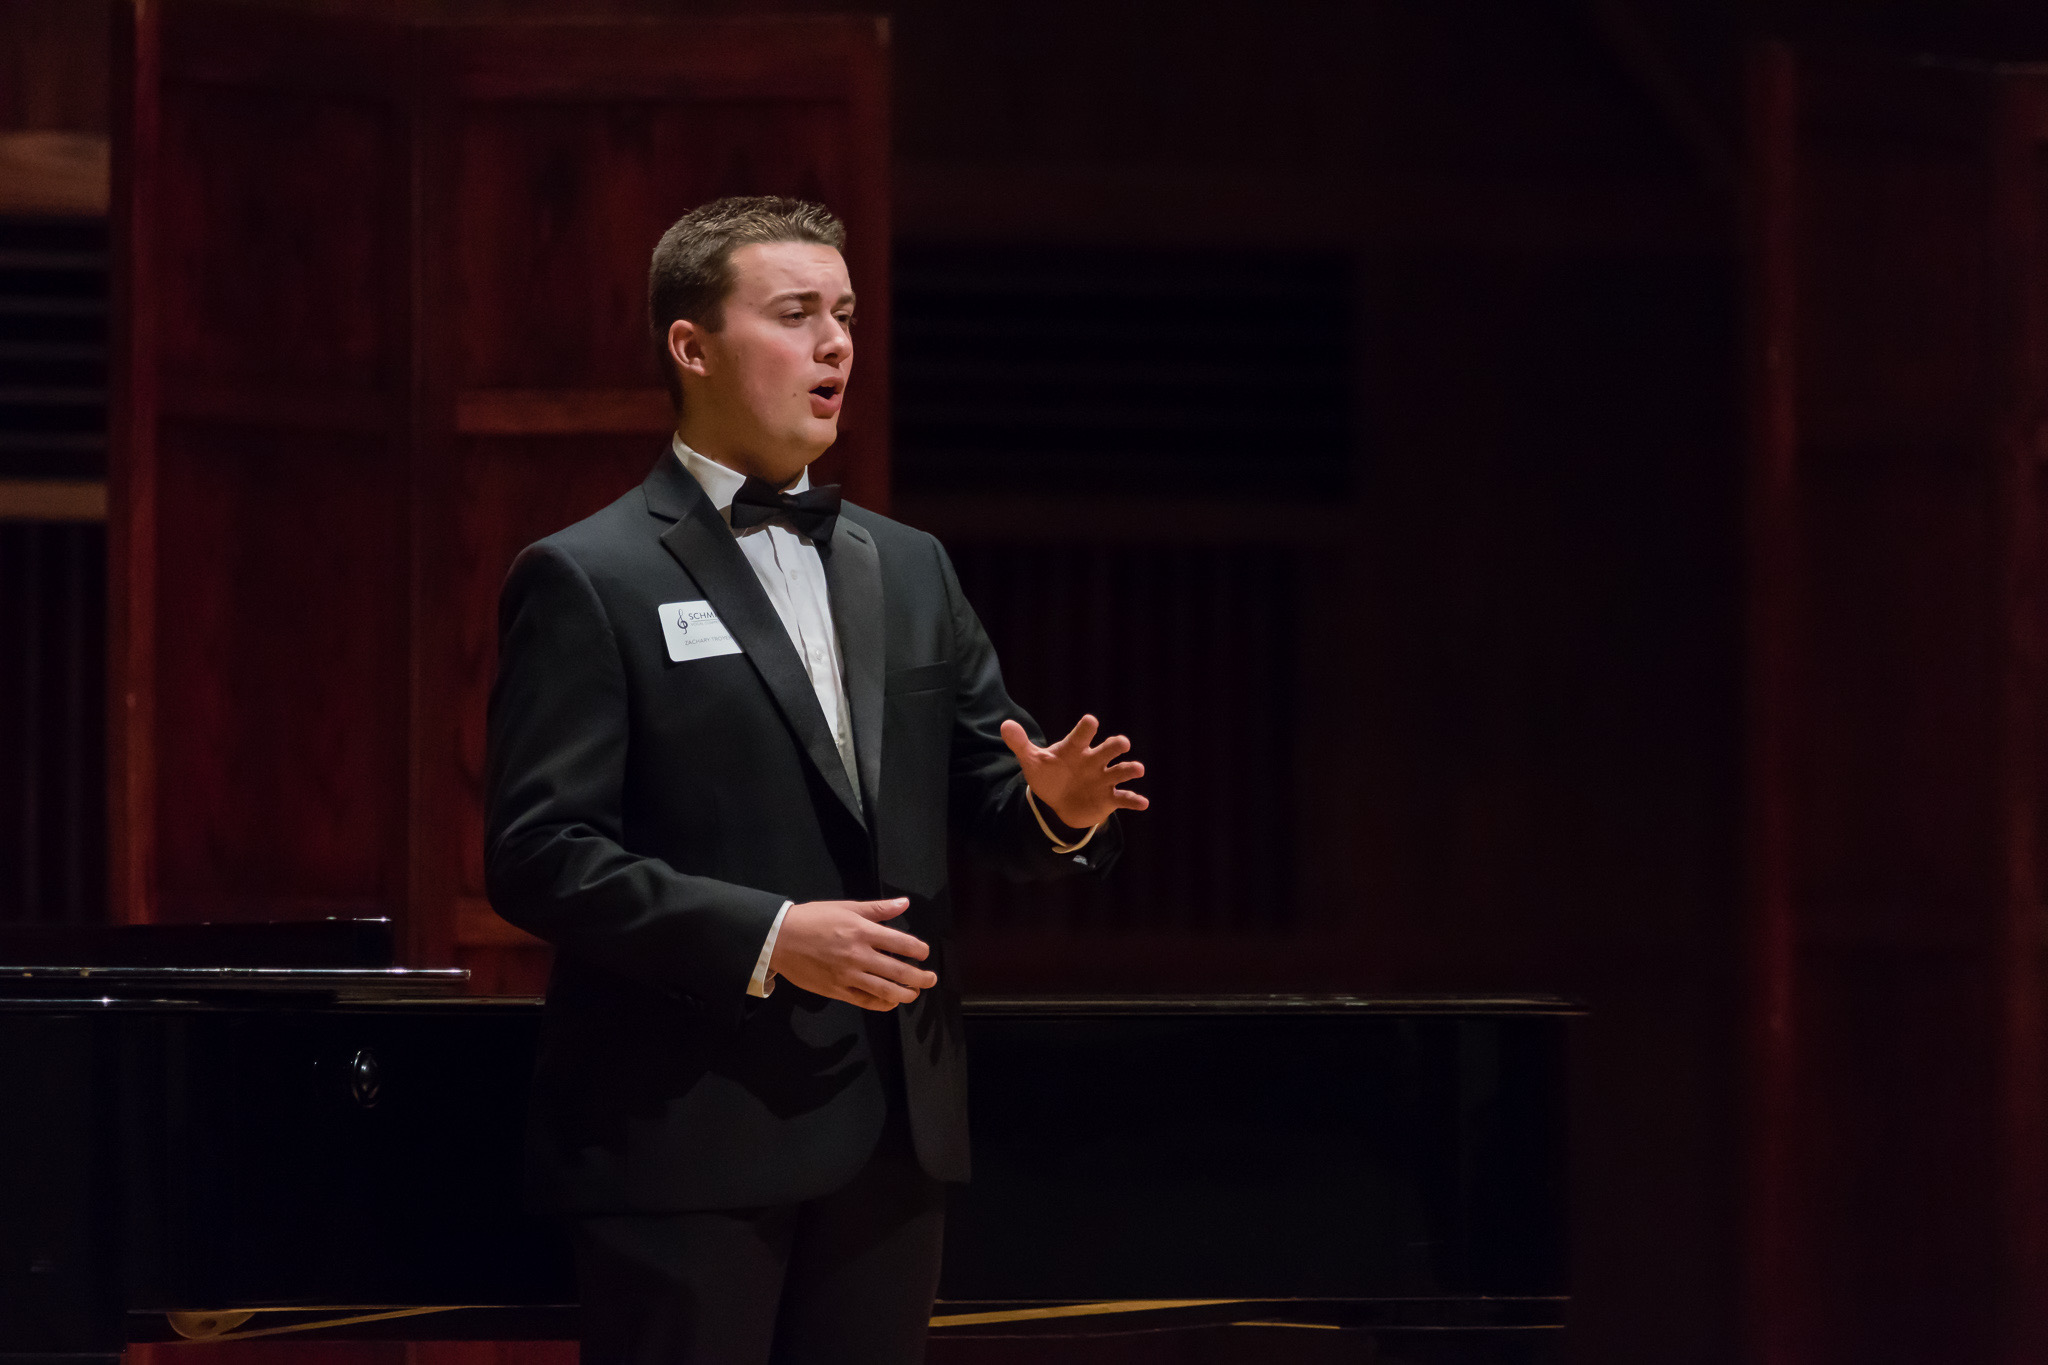 Zach Troyer, Finalist